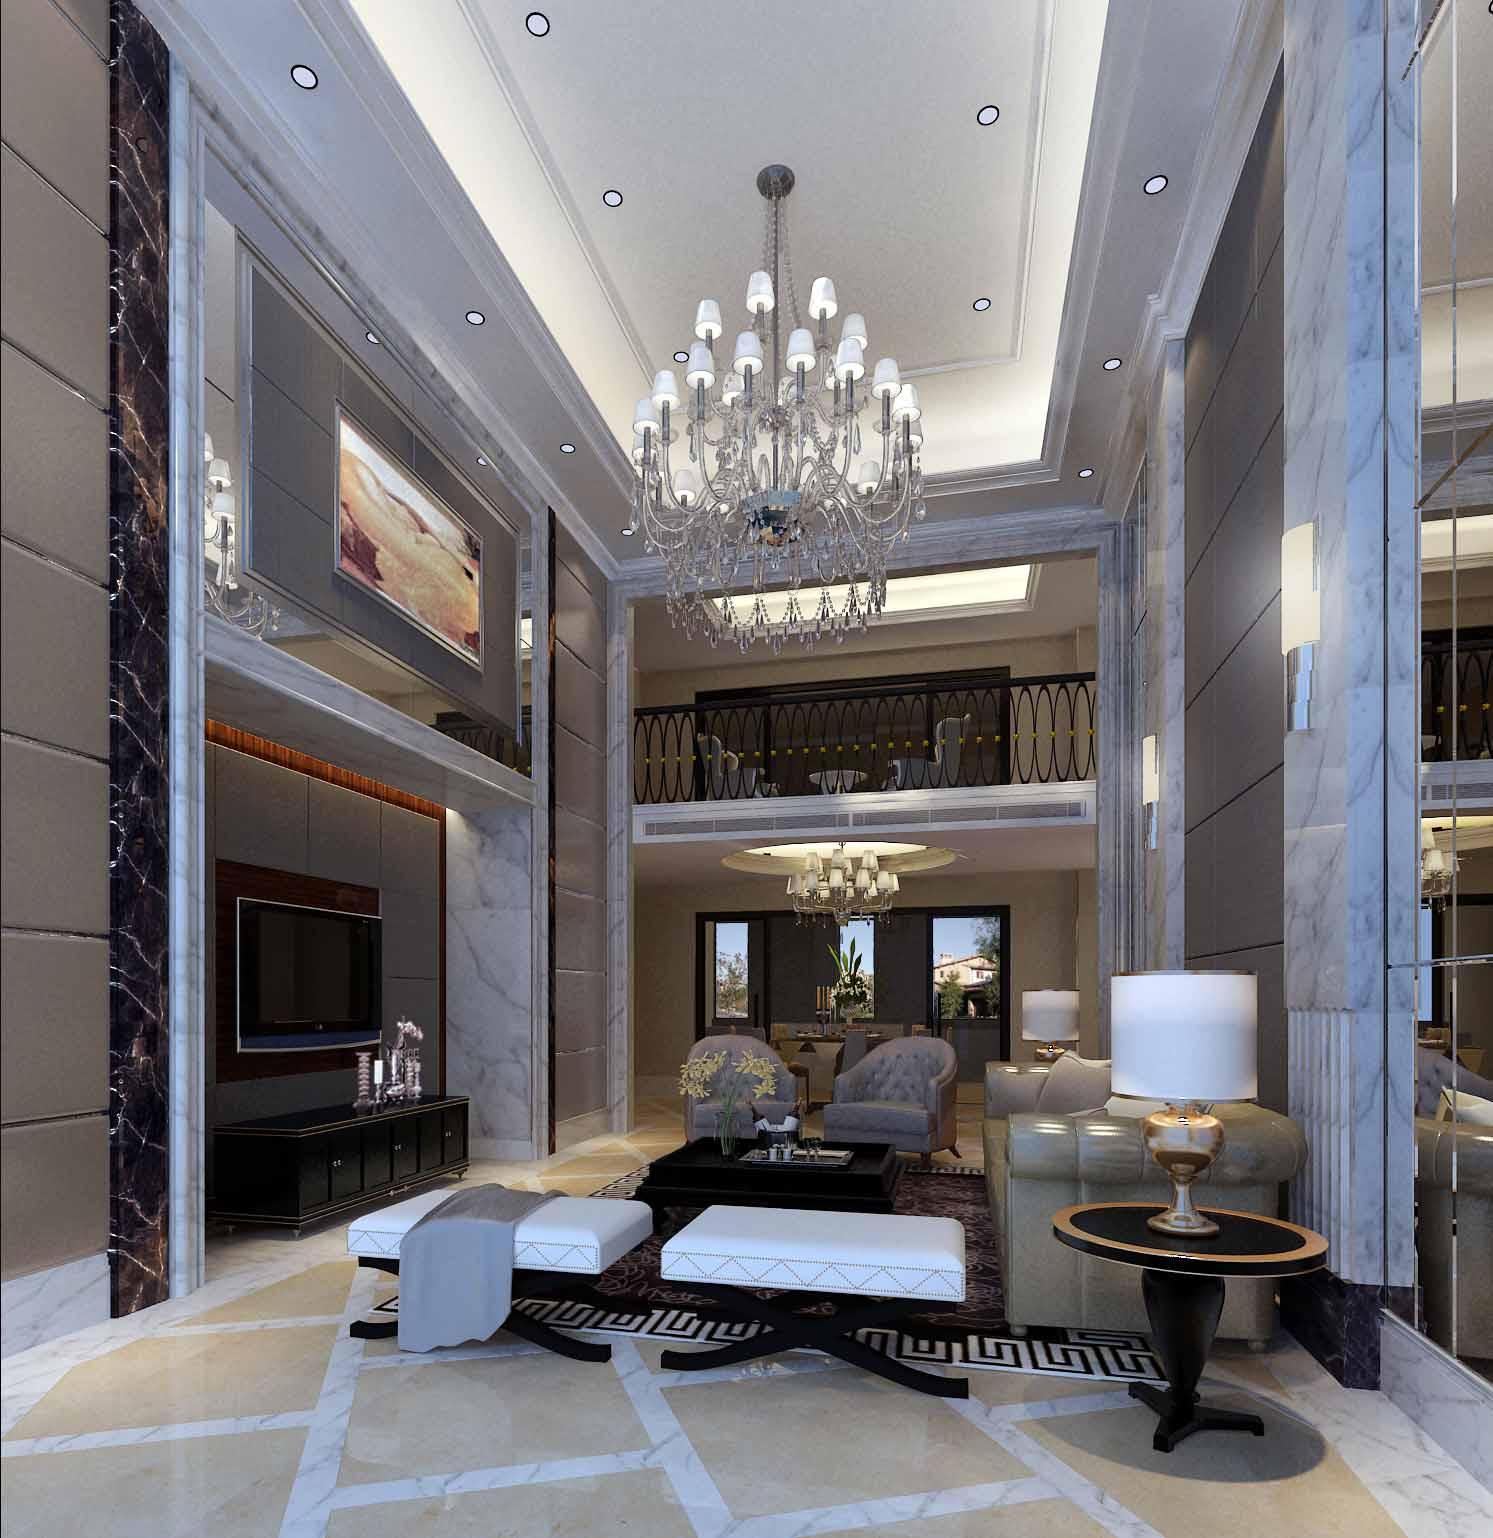 欧式 别墅 客厅图片来自新浪工长俱乐部赵宋芬在美墅的分享